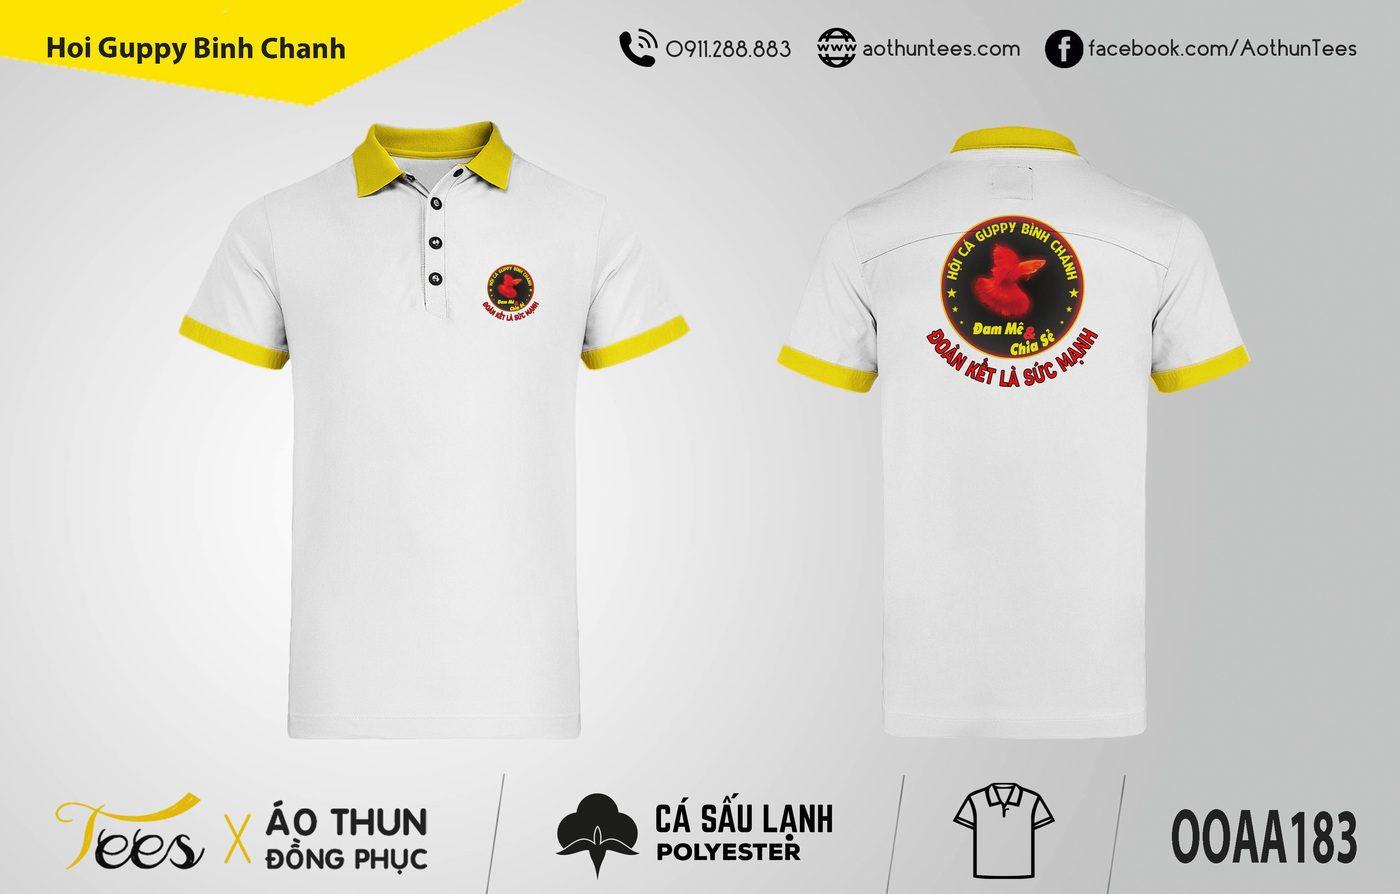 156. Hoi Guppy Binh Chanh - Áo thun đồng phục Hội cá Guppy Bình Chánh